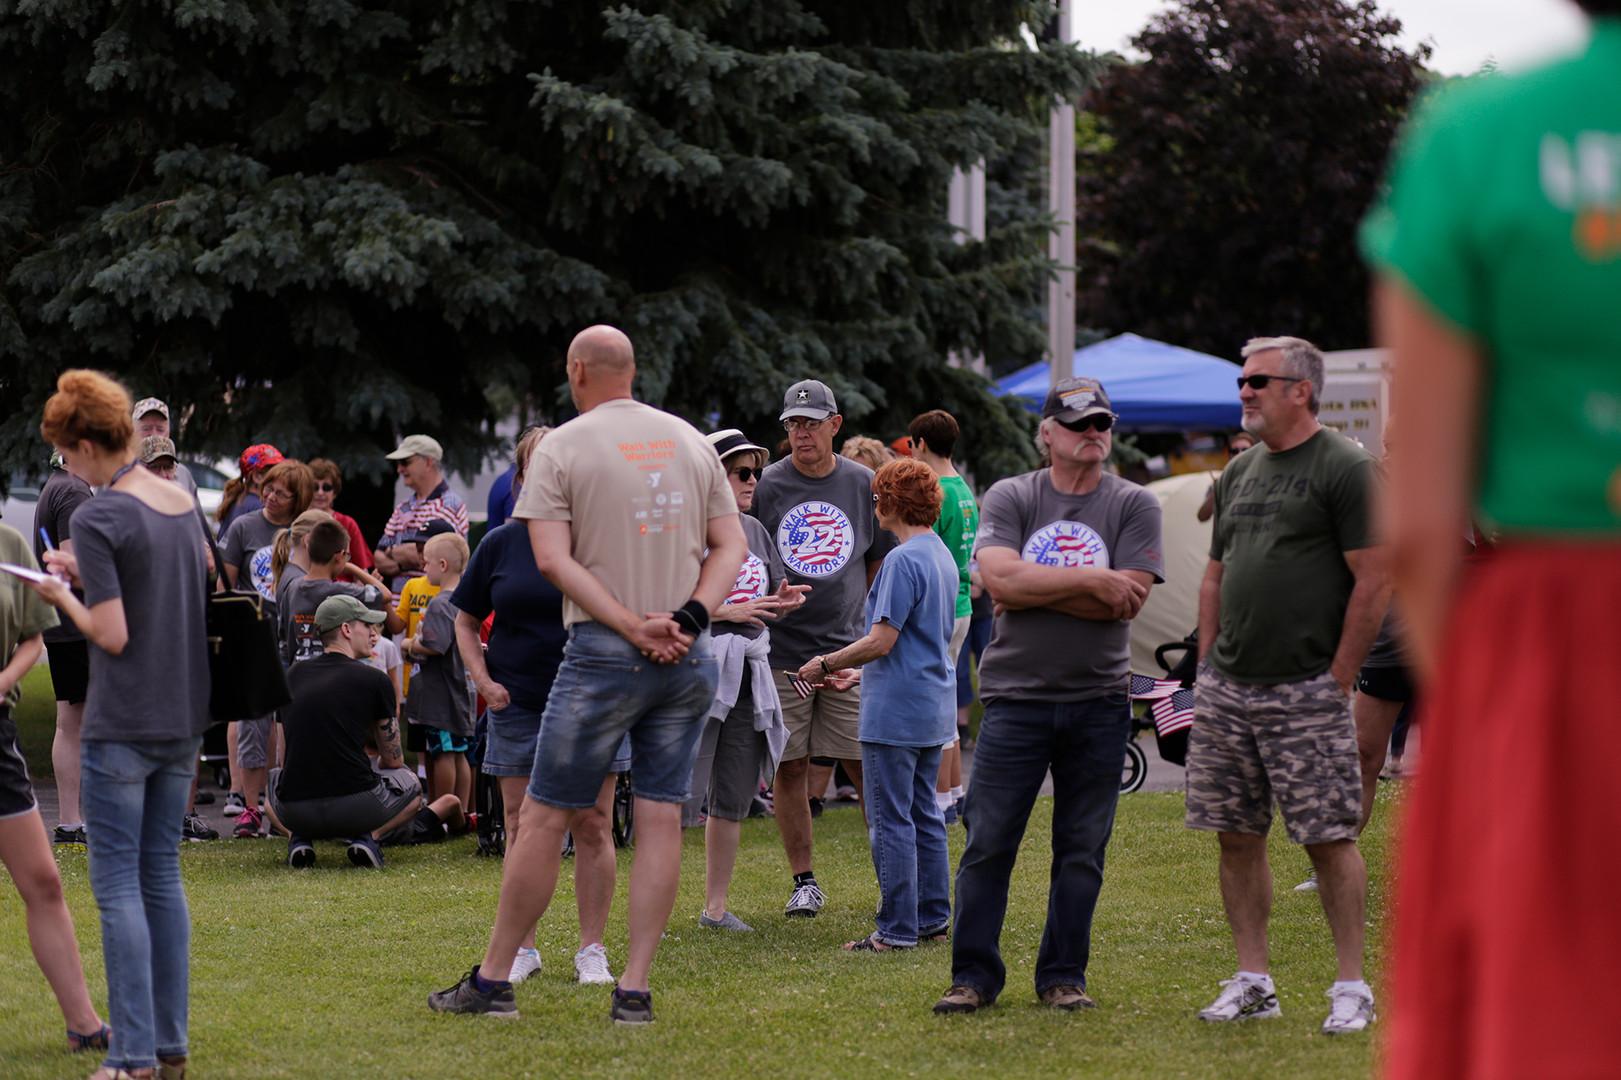 People Enjoying Community Days